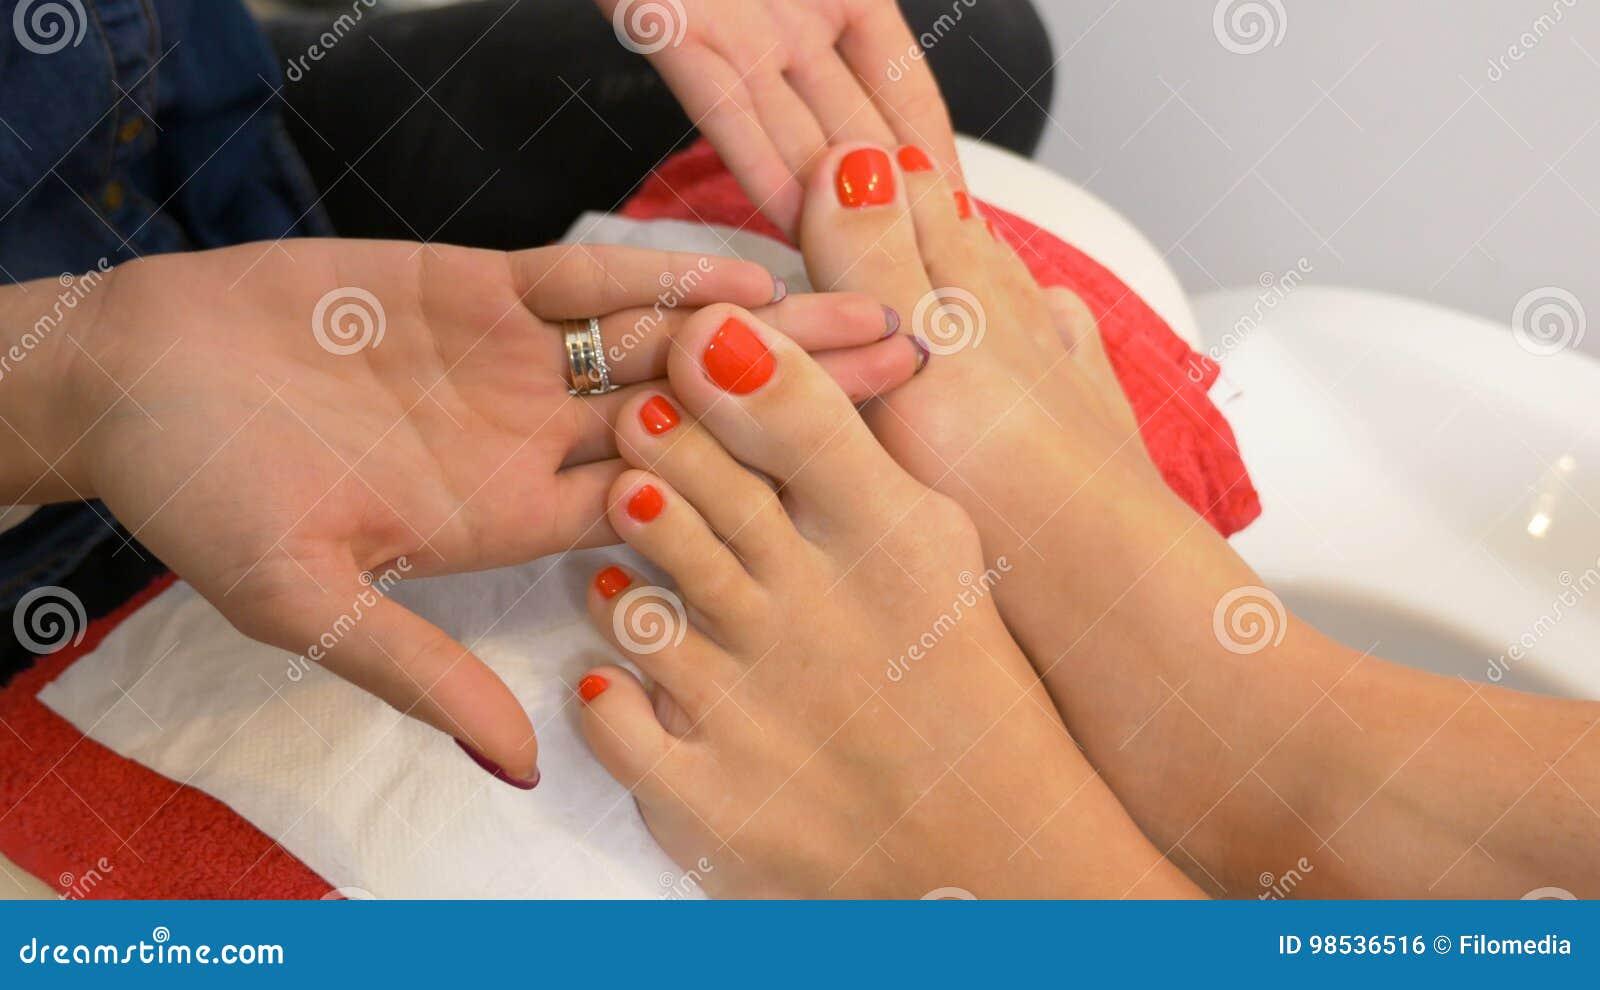 Beautiful Pedicure With Red Nail Polish Presented At Nail Art ...